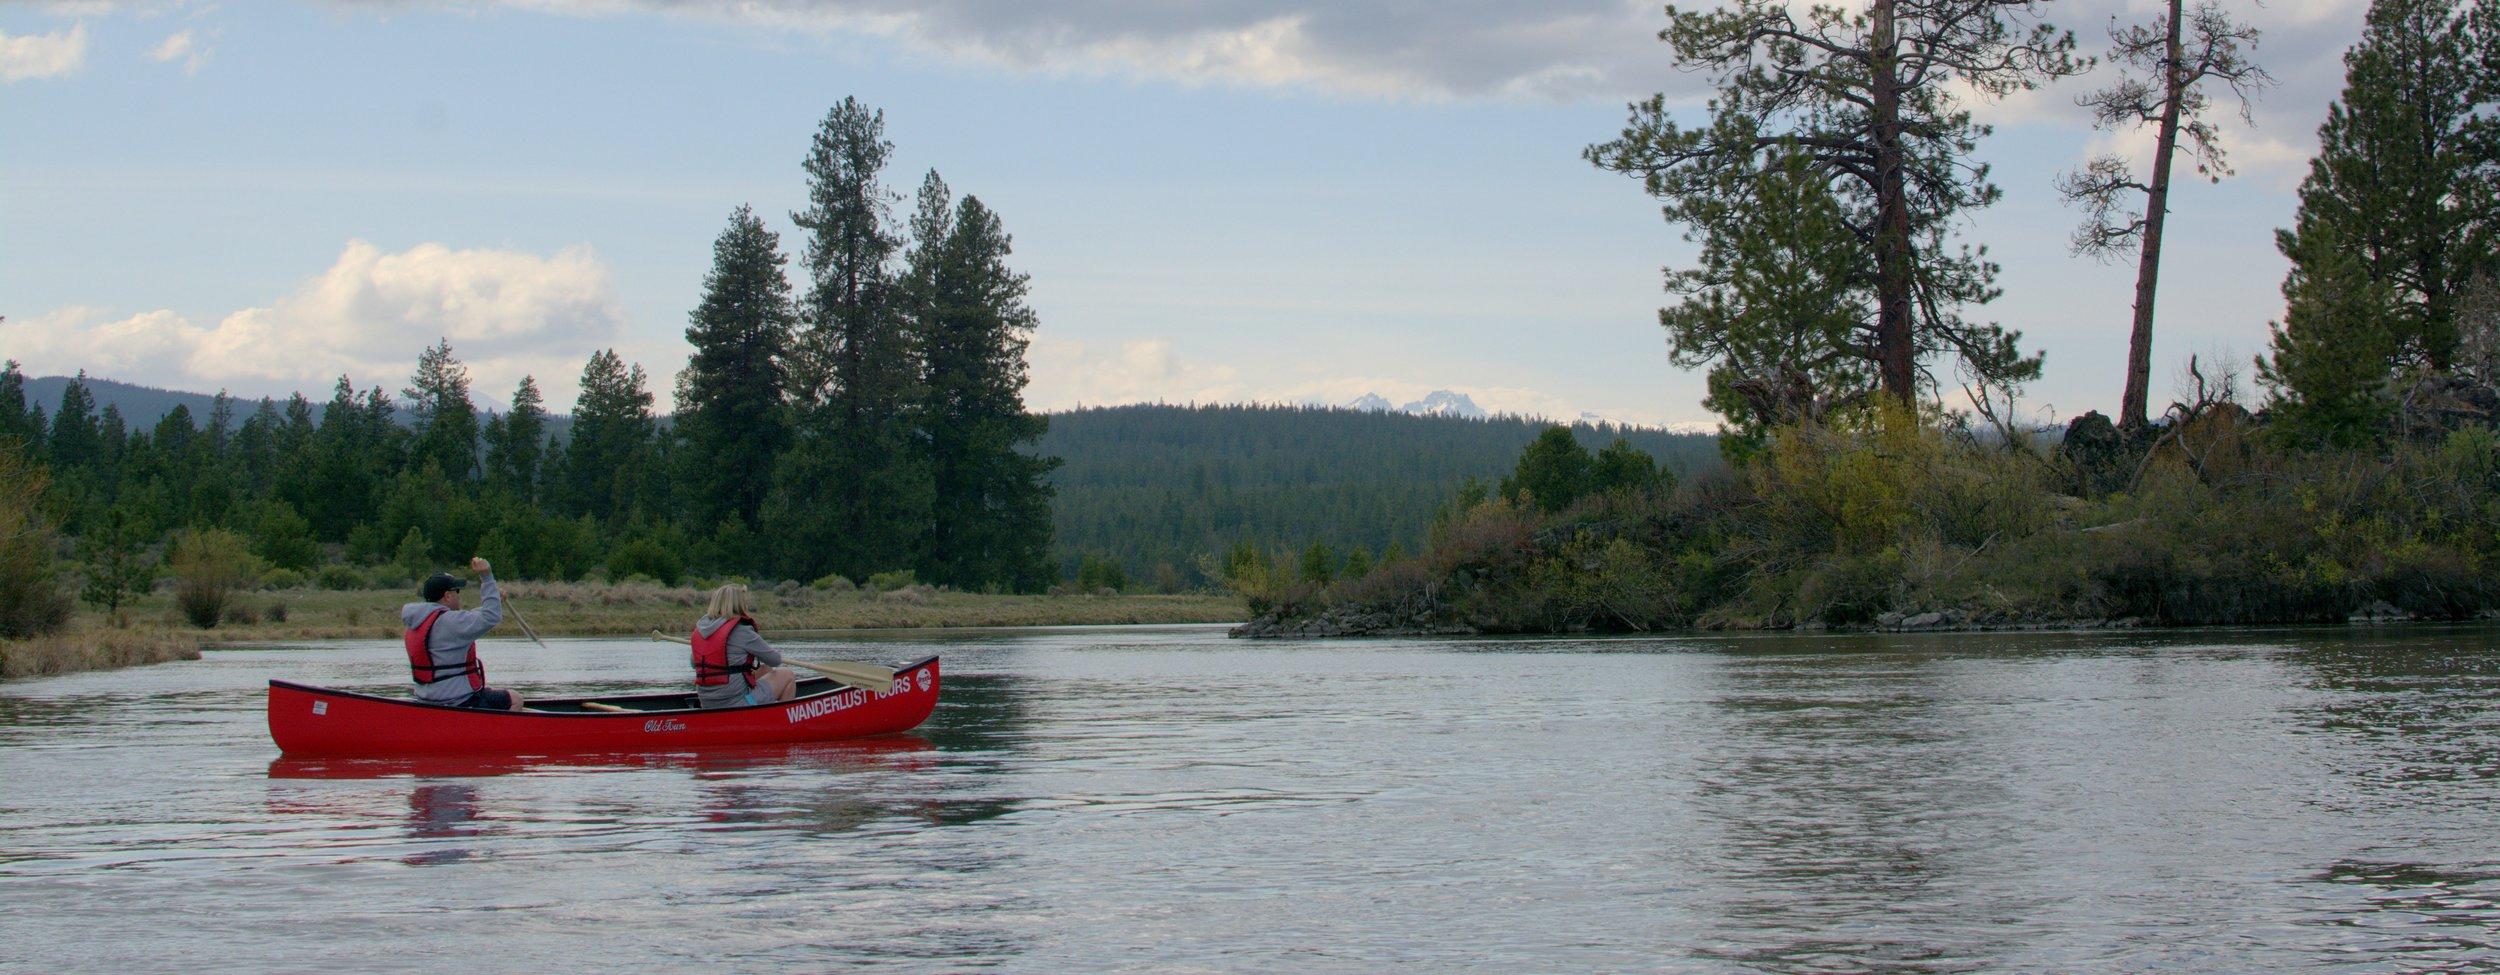 Deschutes River Canoe - Featured Image.jpg